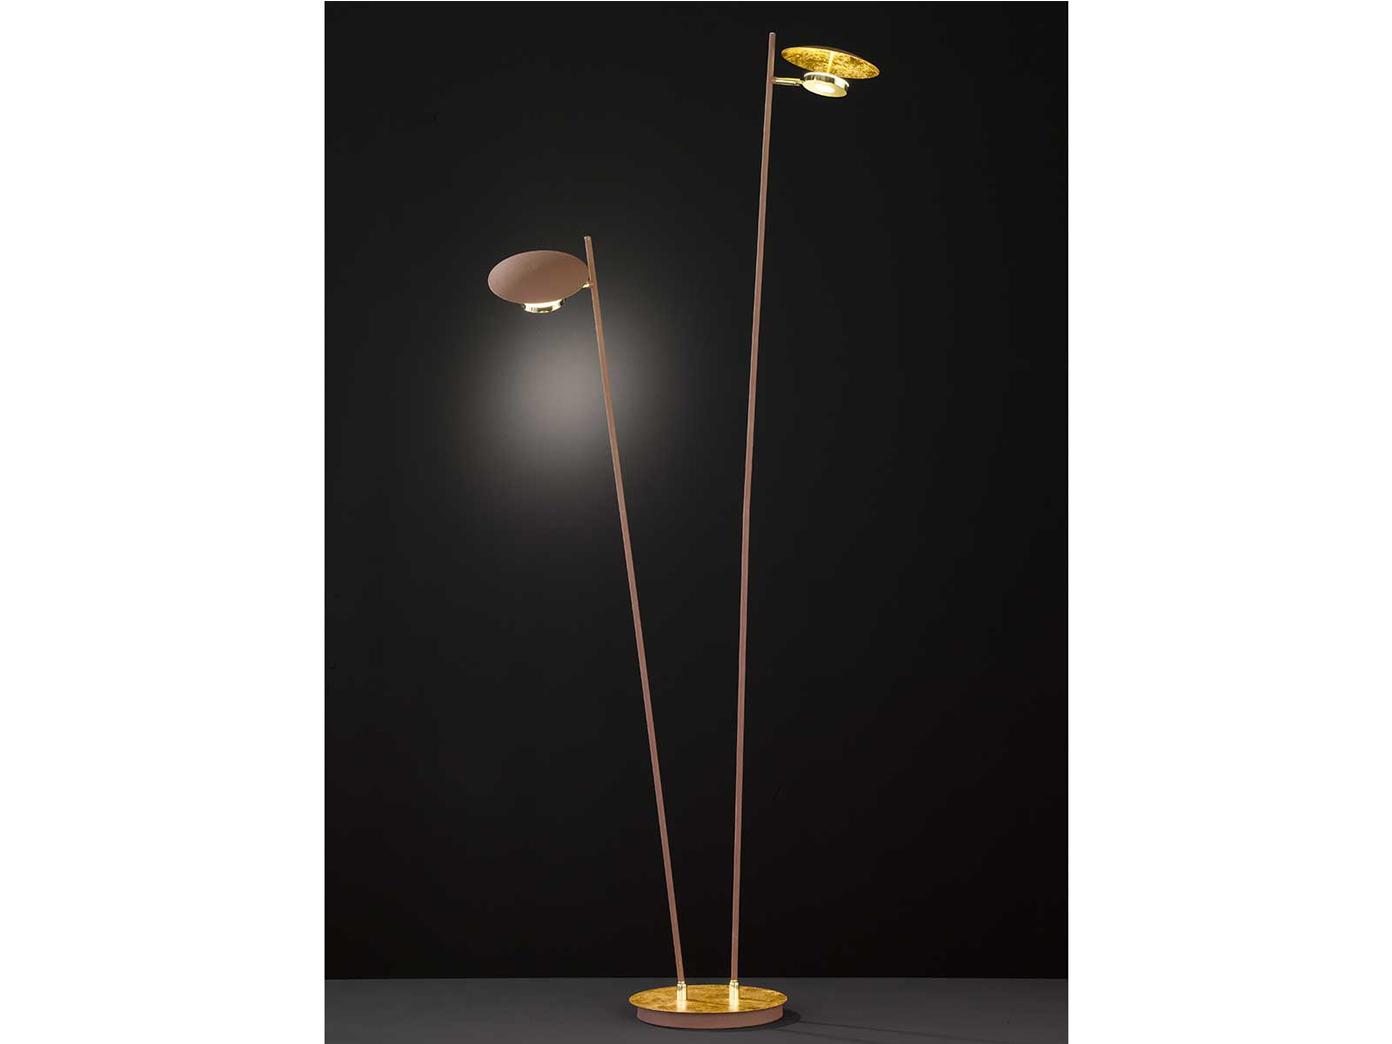 Dimmbare Led Stehleuchte Gold Braun Schwenkbar Hohe 150cm 9w